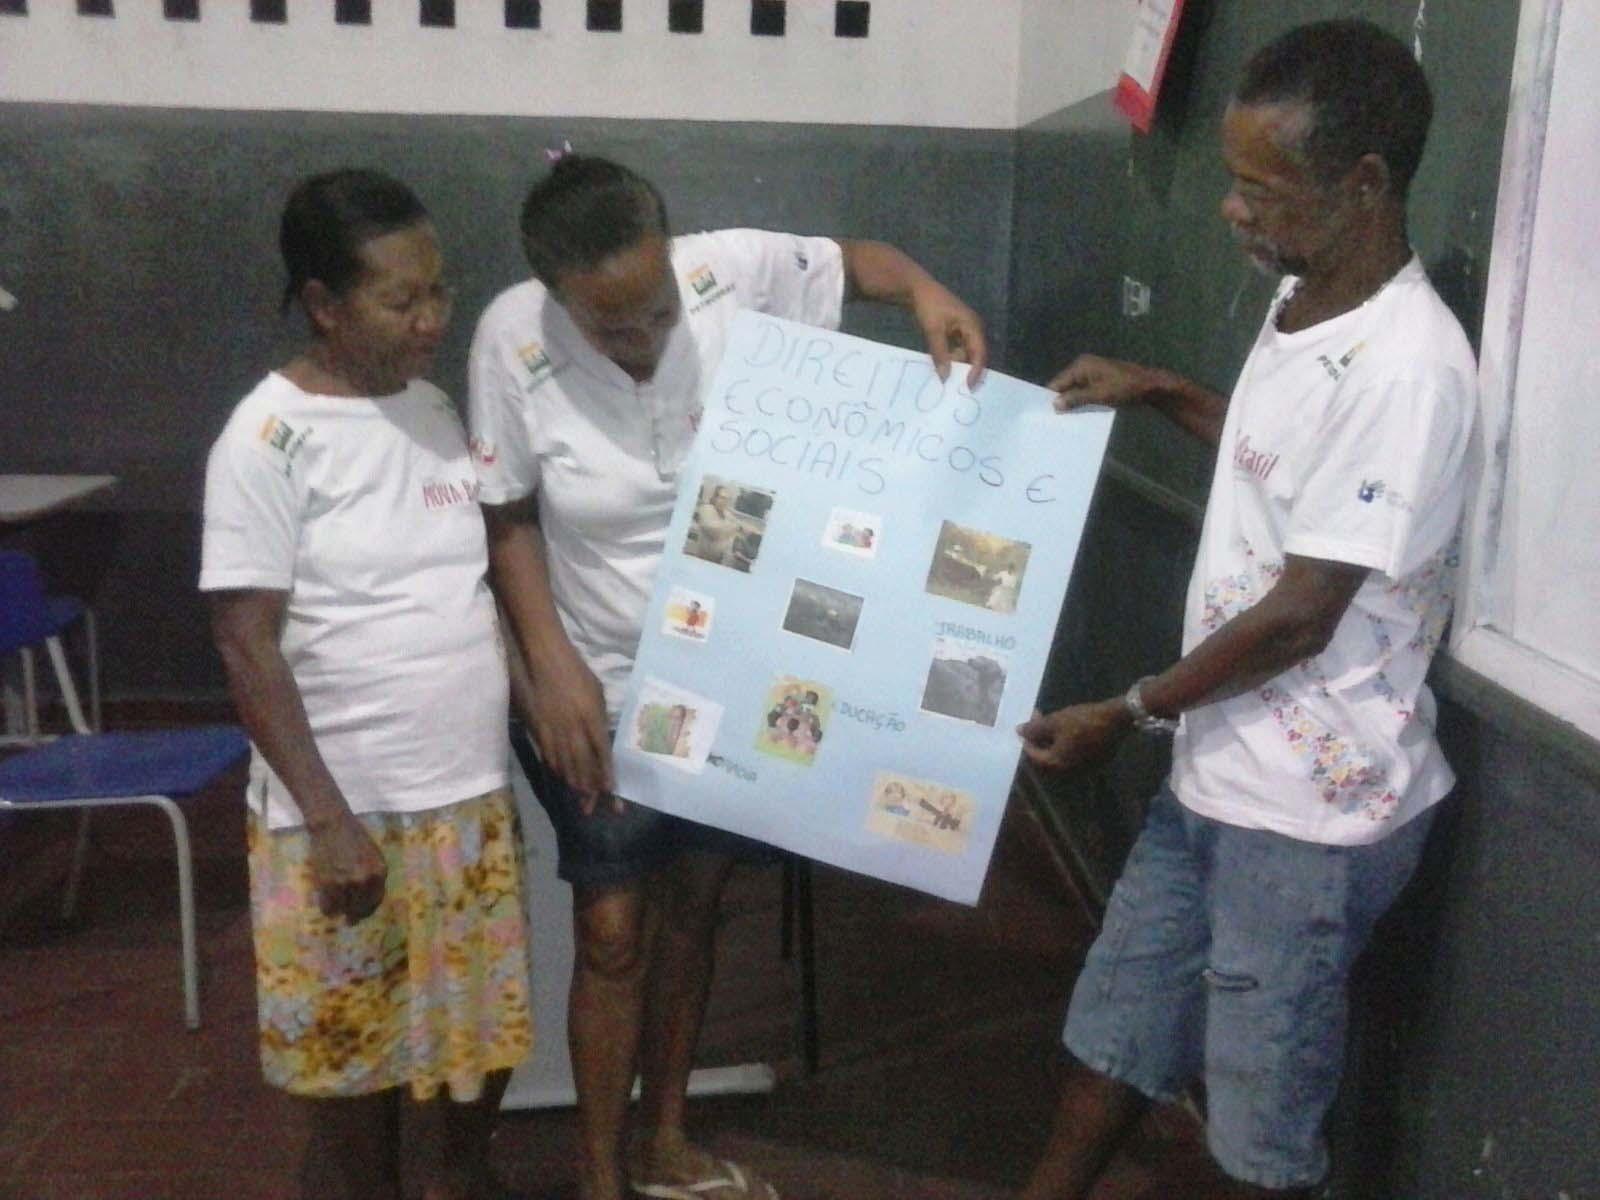 Educandos da turma Novo Itajuípe apresentando os Direitos econômicos e sociais